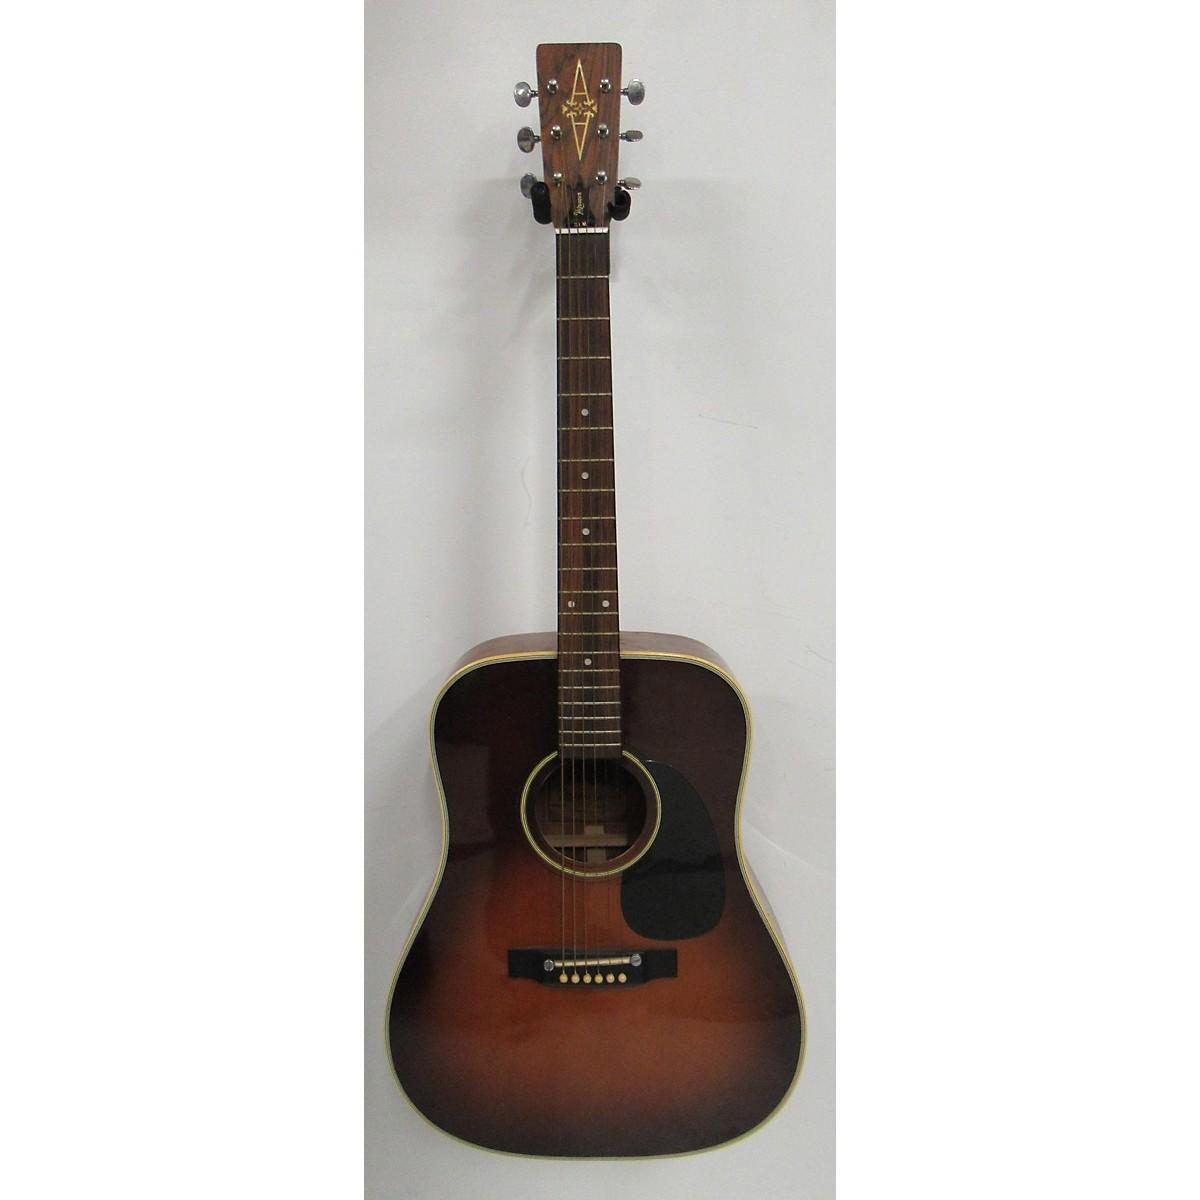 Alvarez 1980 5025 Acoustic Guitar